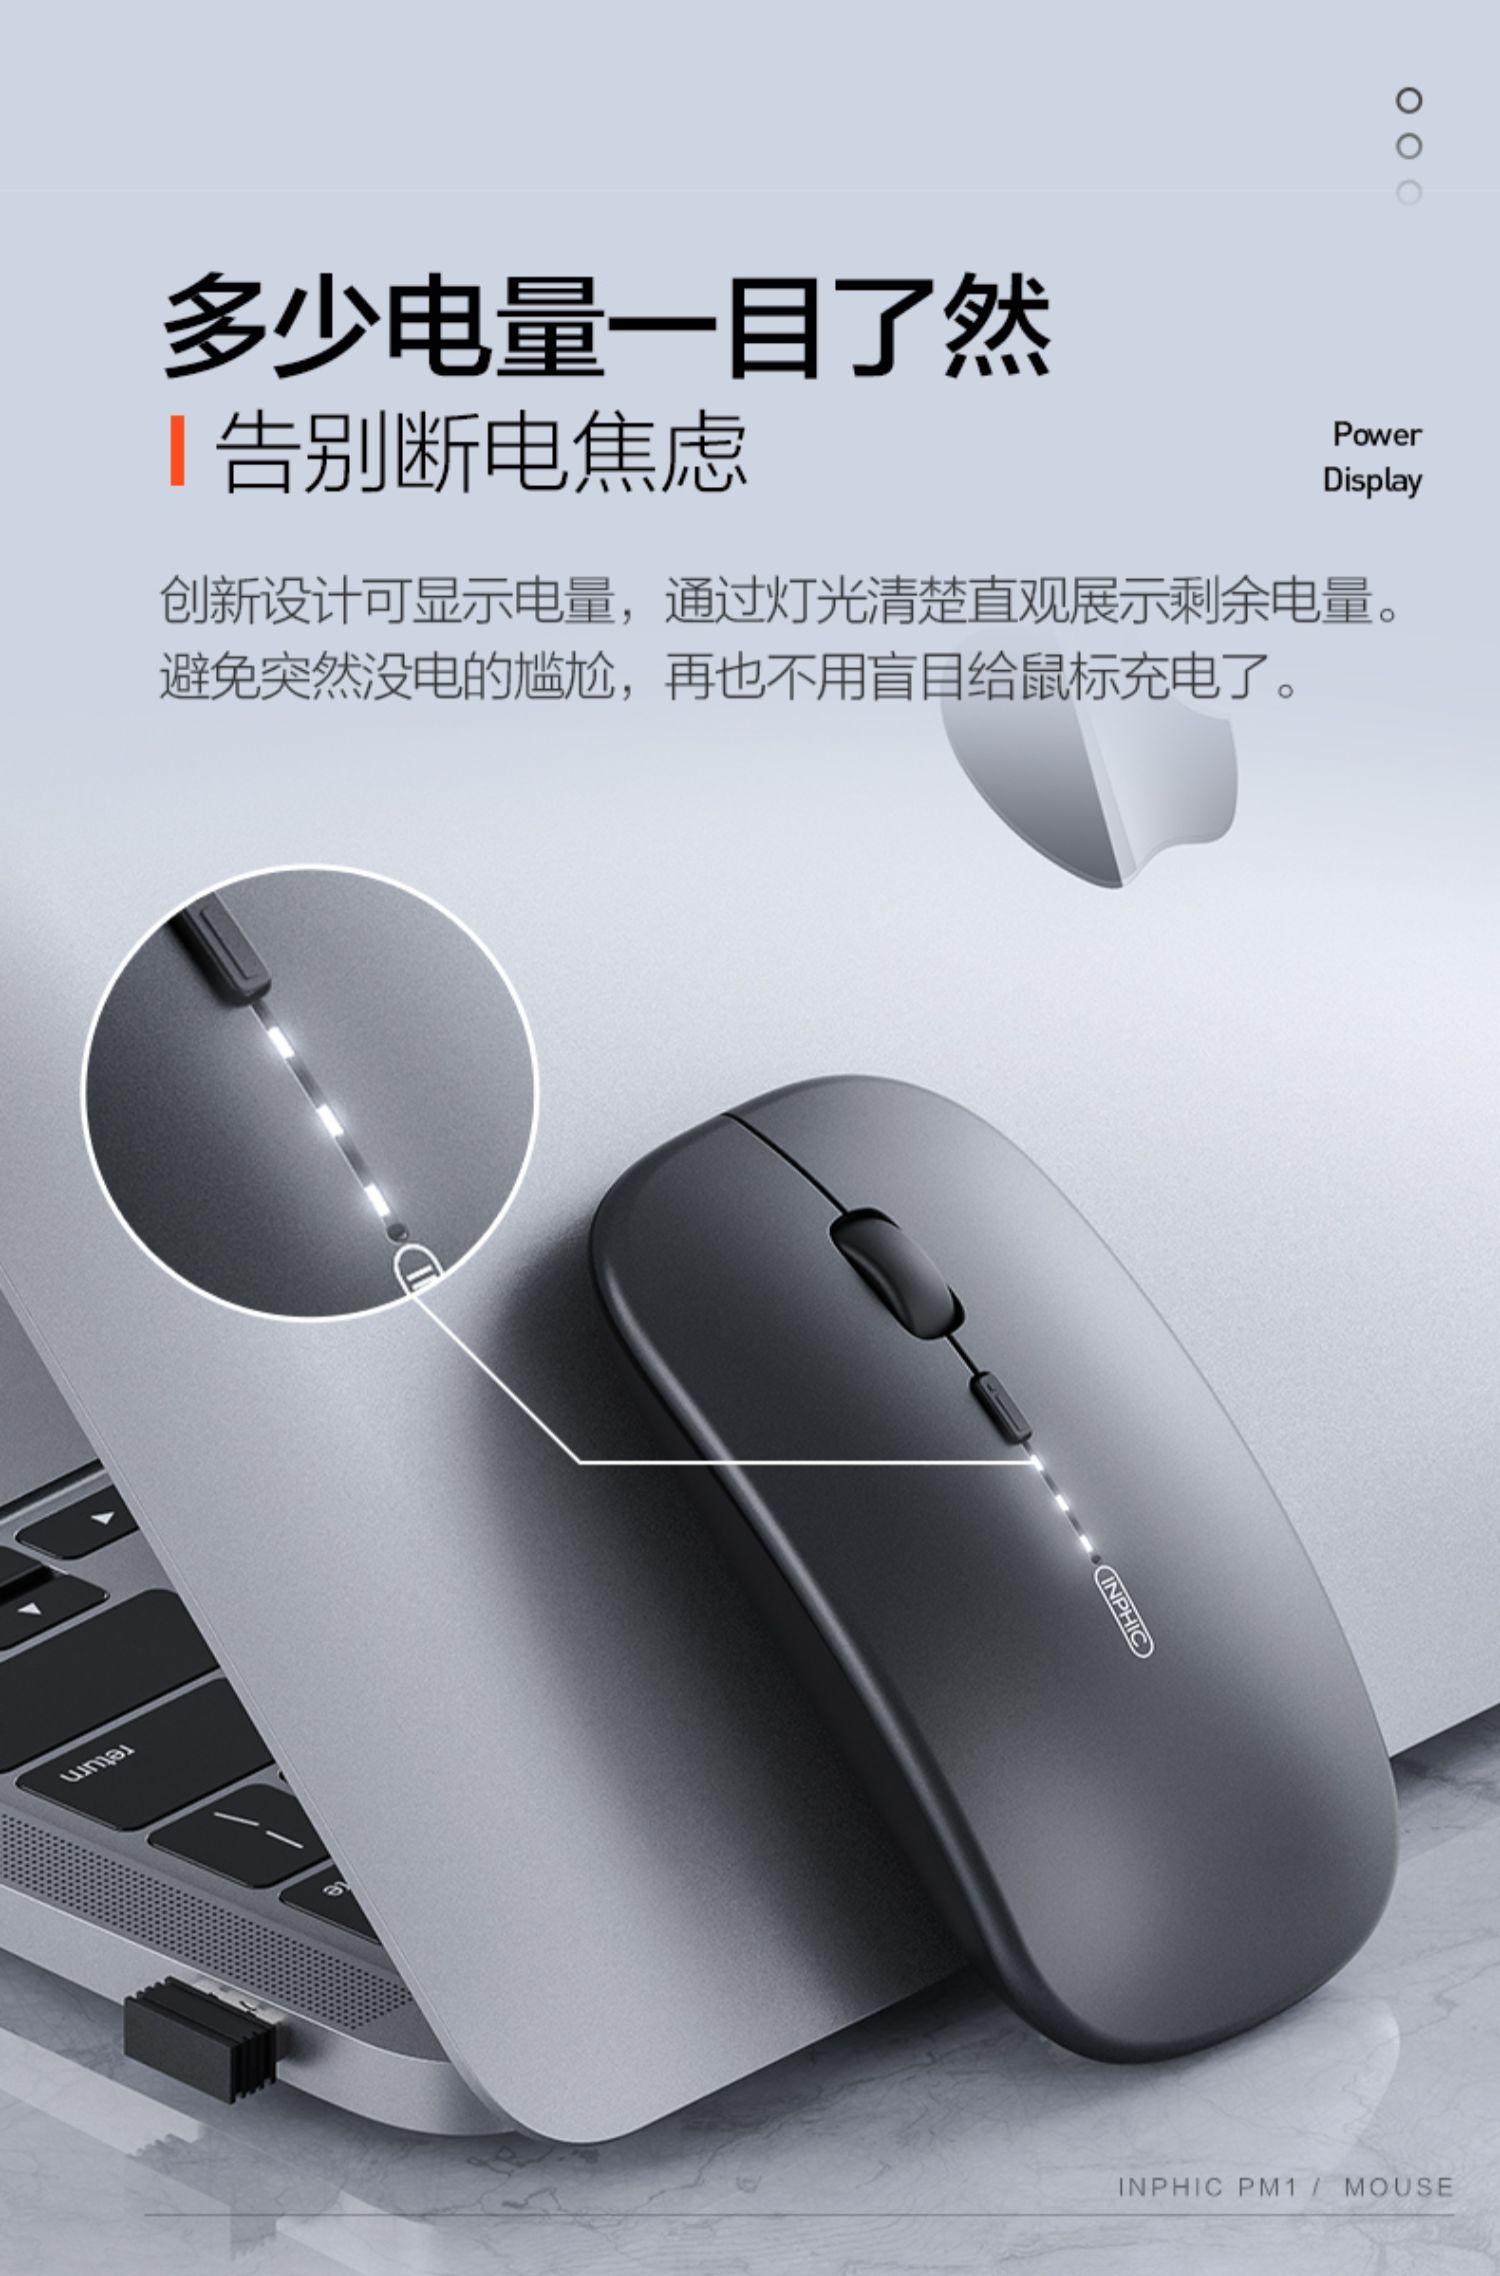 【大牌特惠】英菲克可充电静音无线鼠标